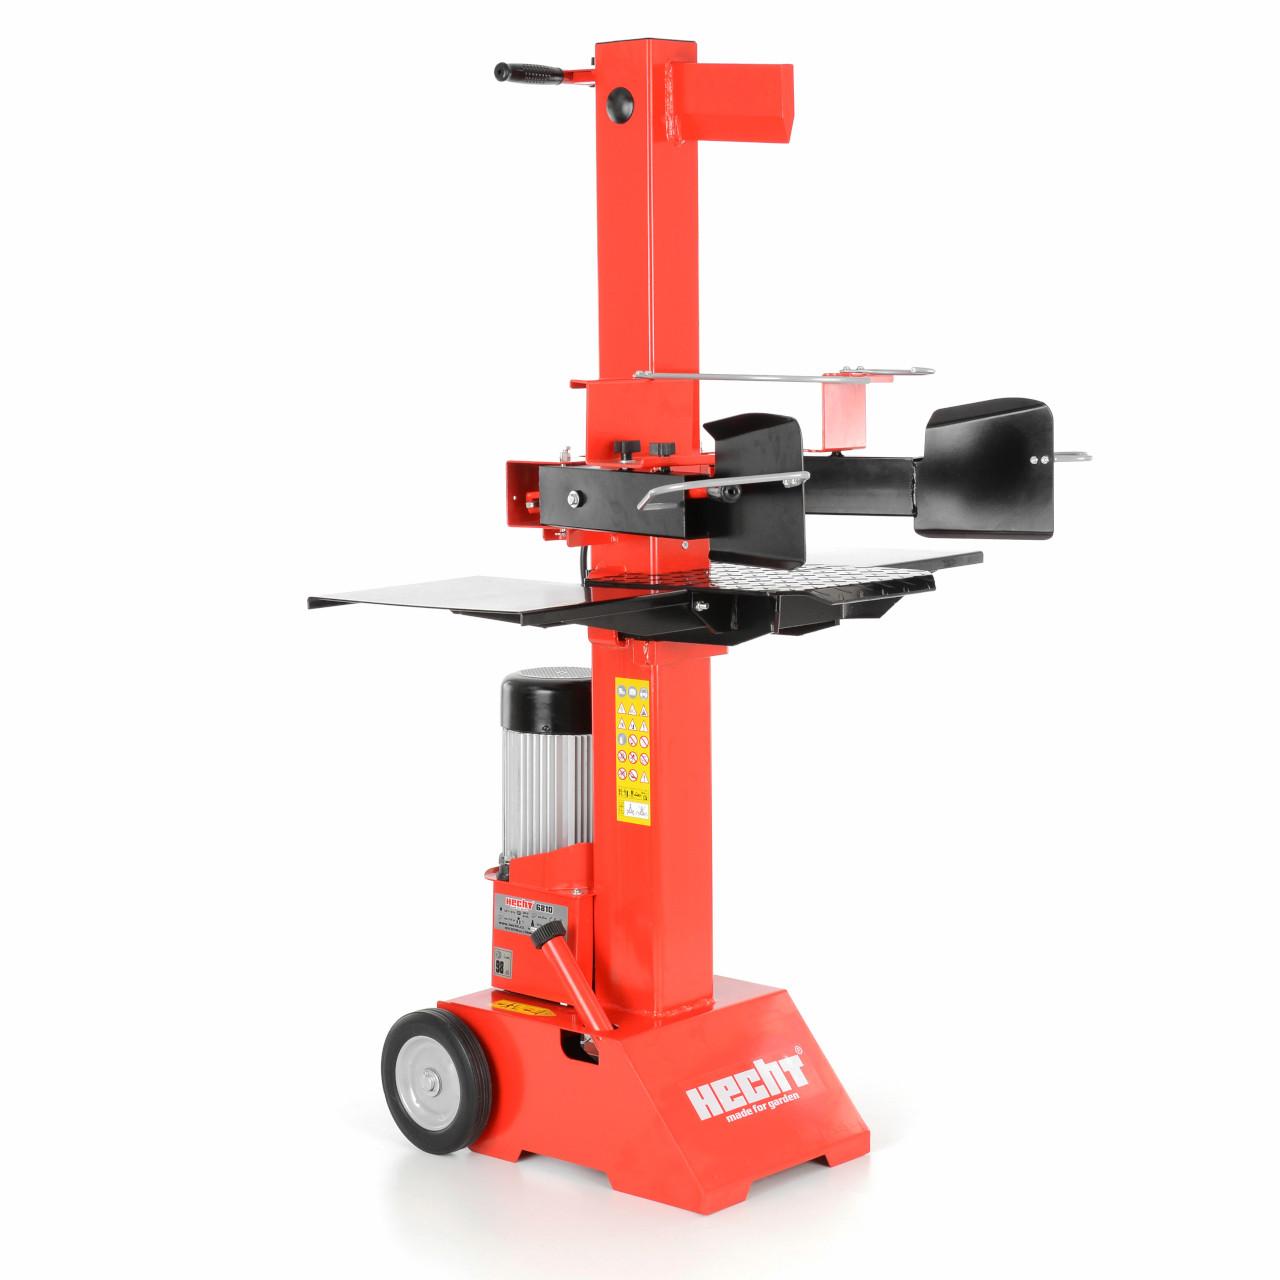 HECHT 6810 - elektrický štípač na dřevo